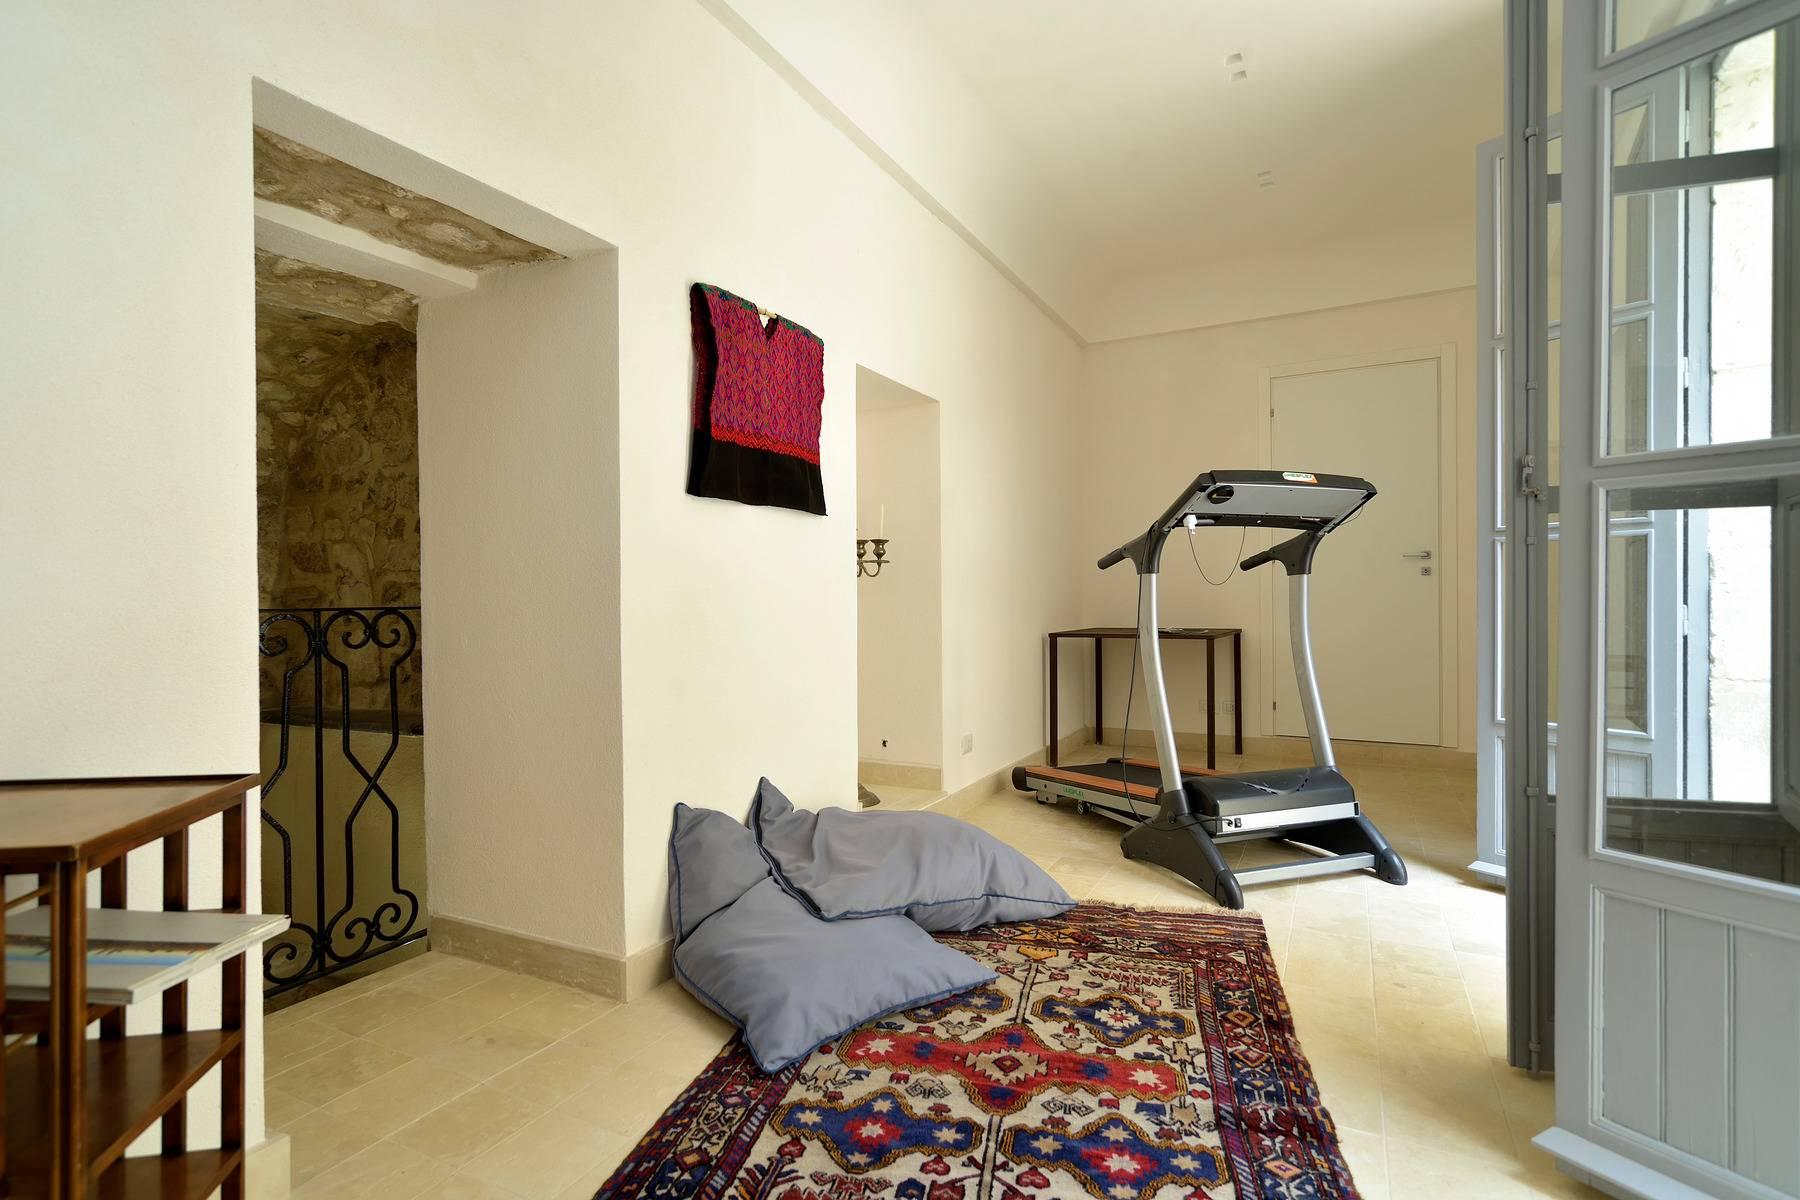 Casa indipendente in Vendita a Modica: 5 locali, 185 mq - Foto 11